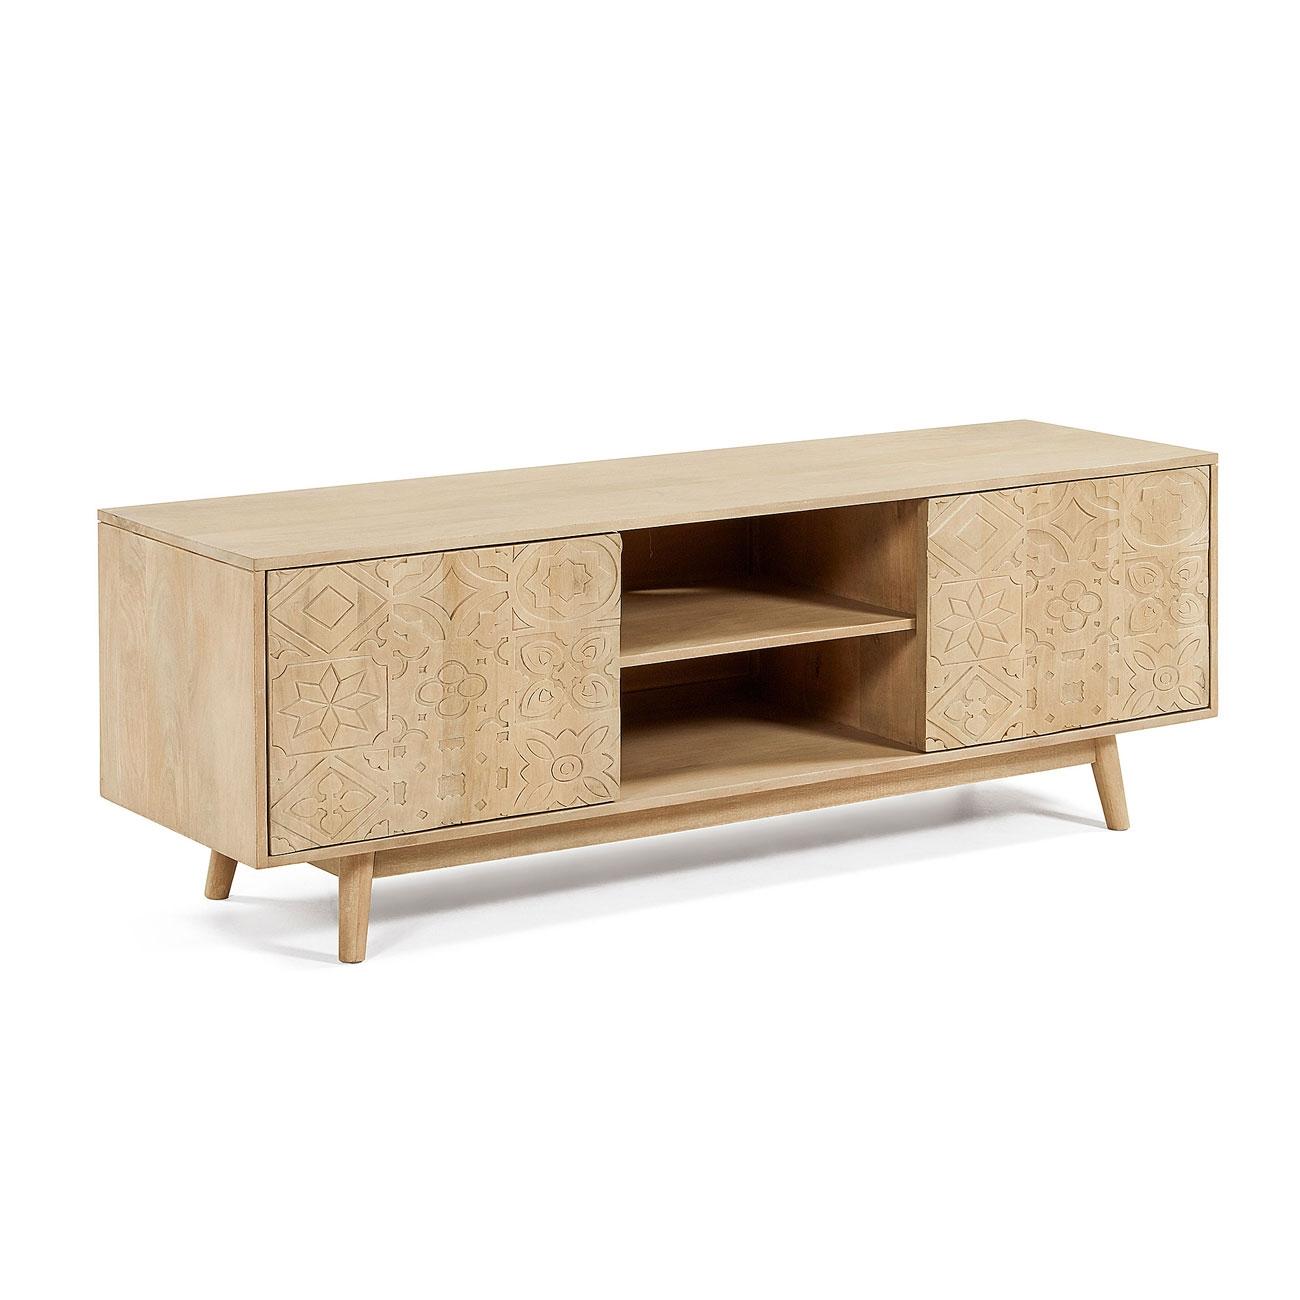 SAKOI Mueble Tv madera mango - SAKOI Mueble Tv madera mango